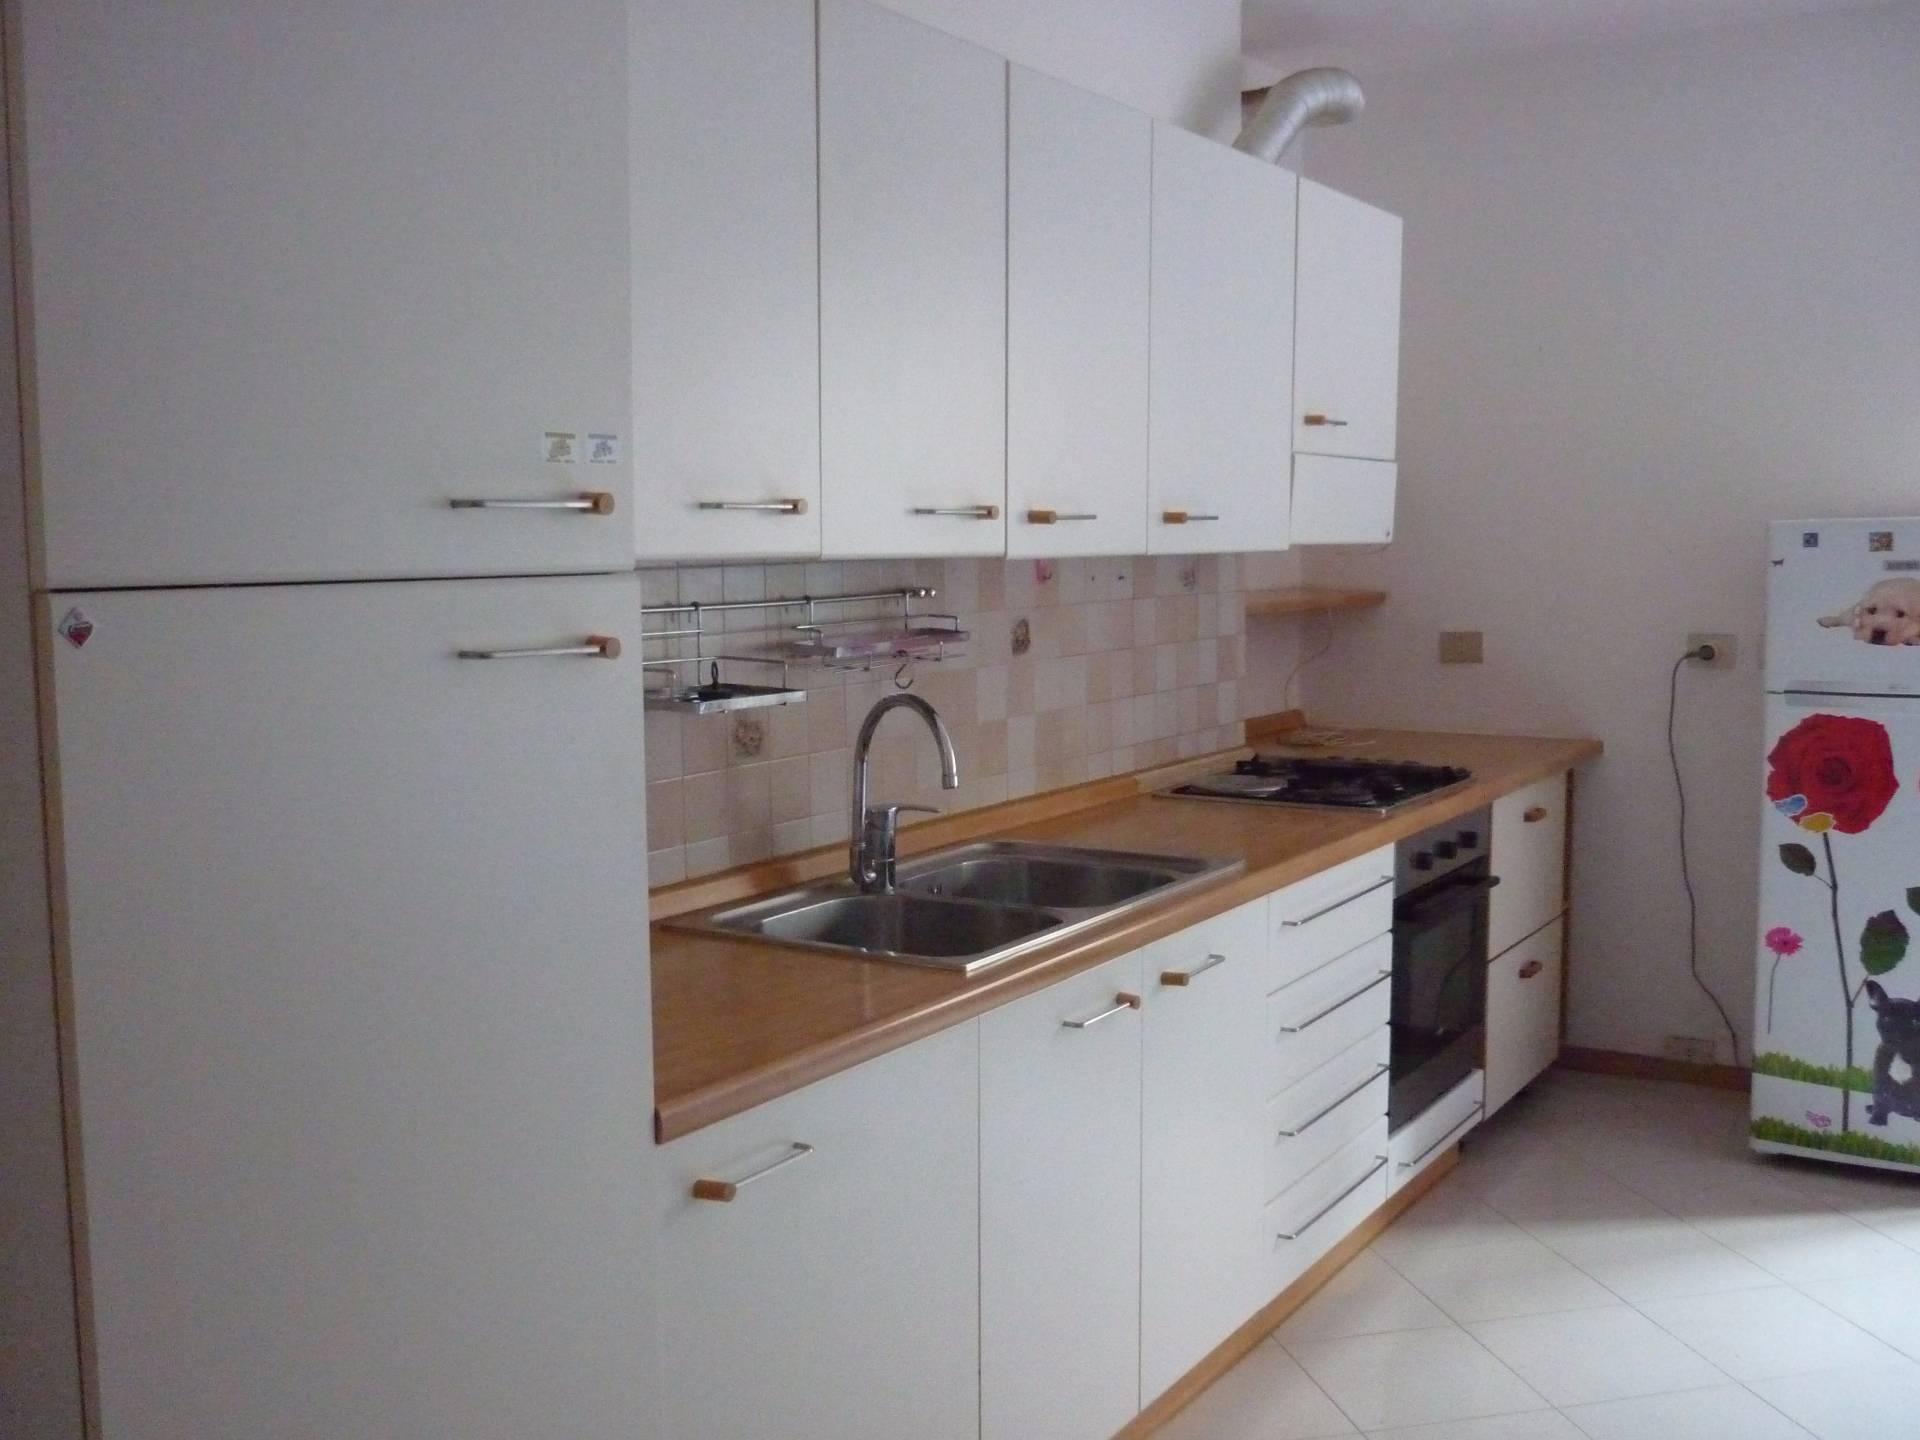 Appartamento in affitto a Bolzano, 2 locali, zona Zona: Residenziale, prezzo € 650 | CambioCasa.it